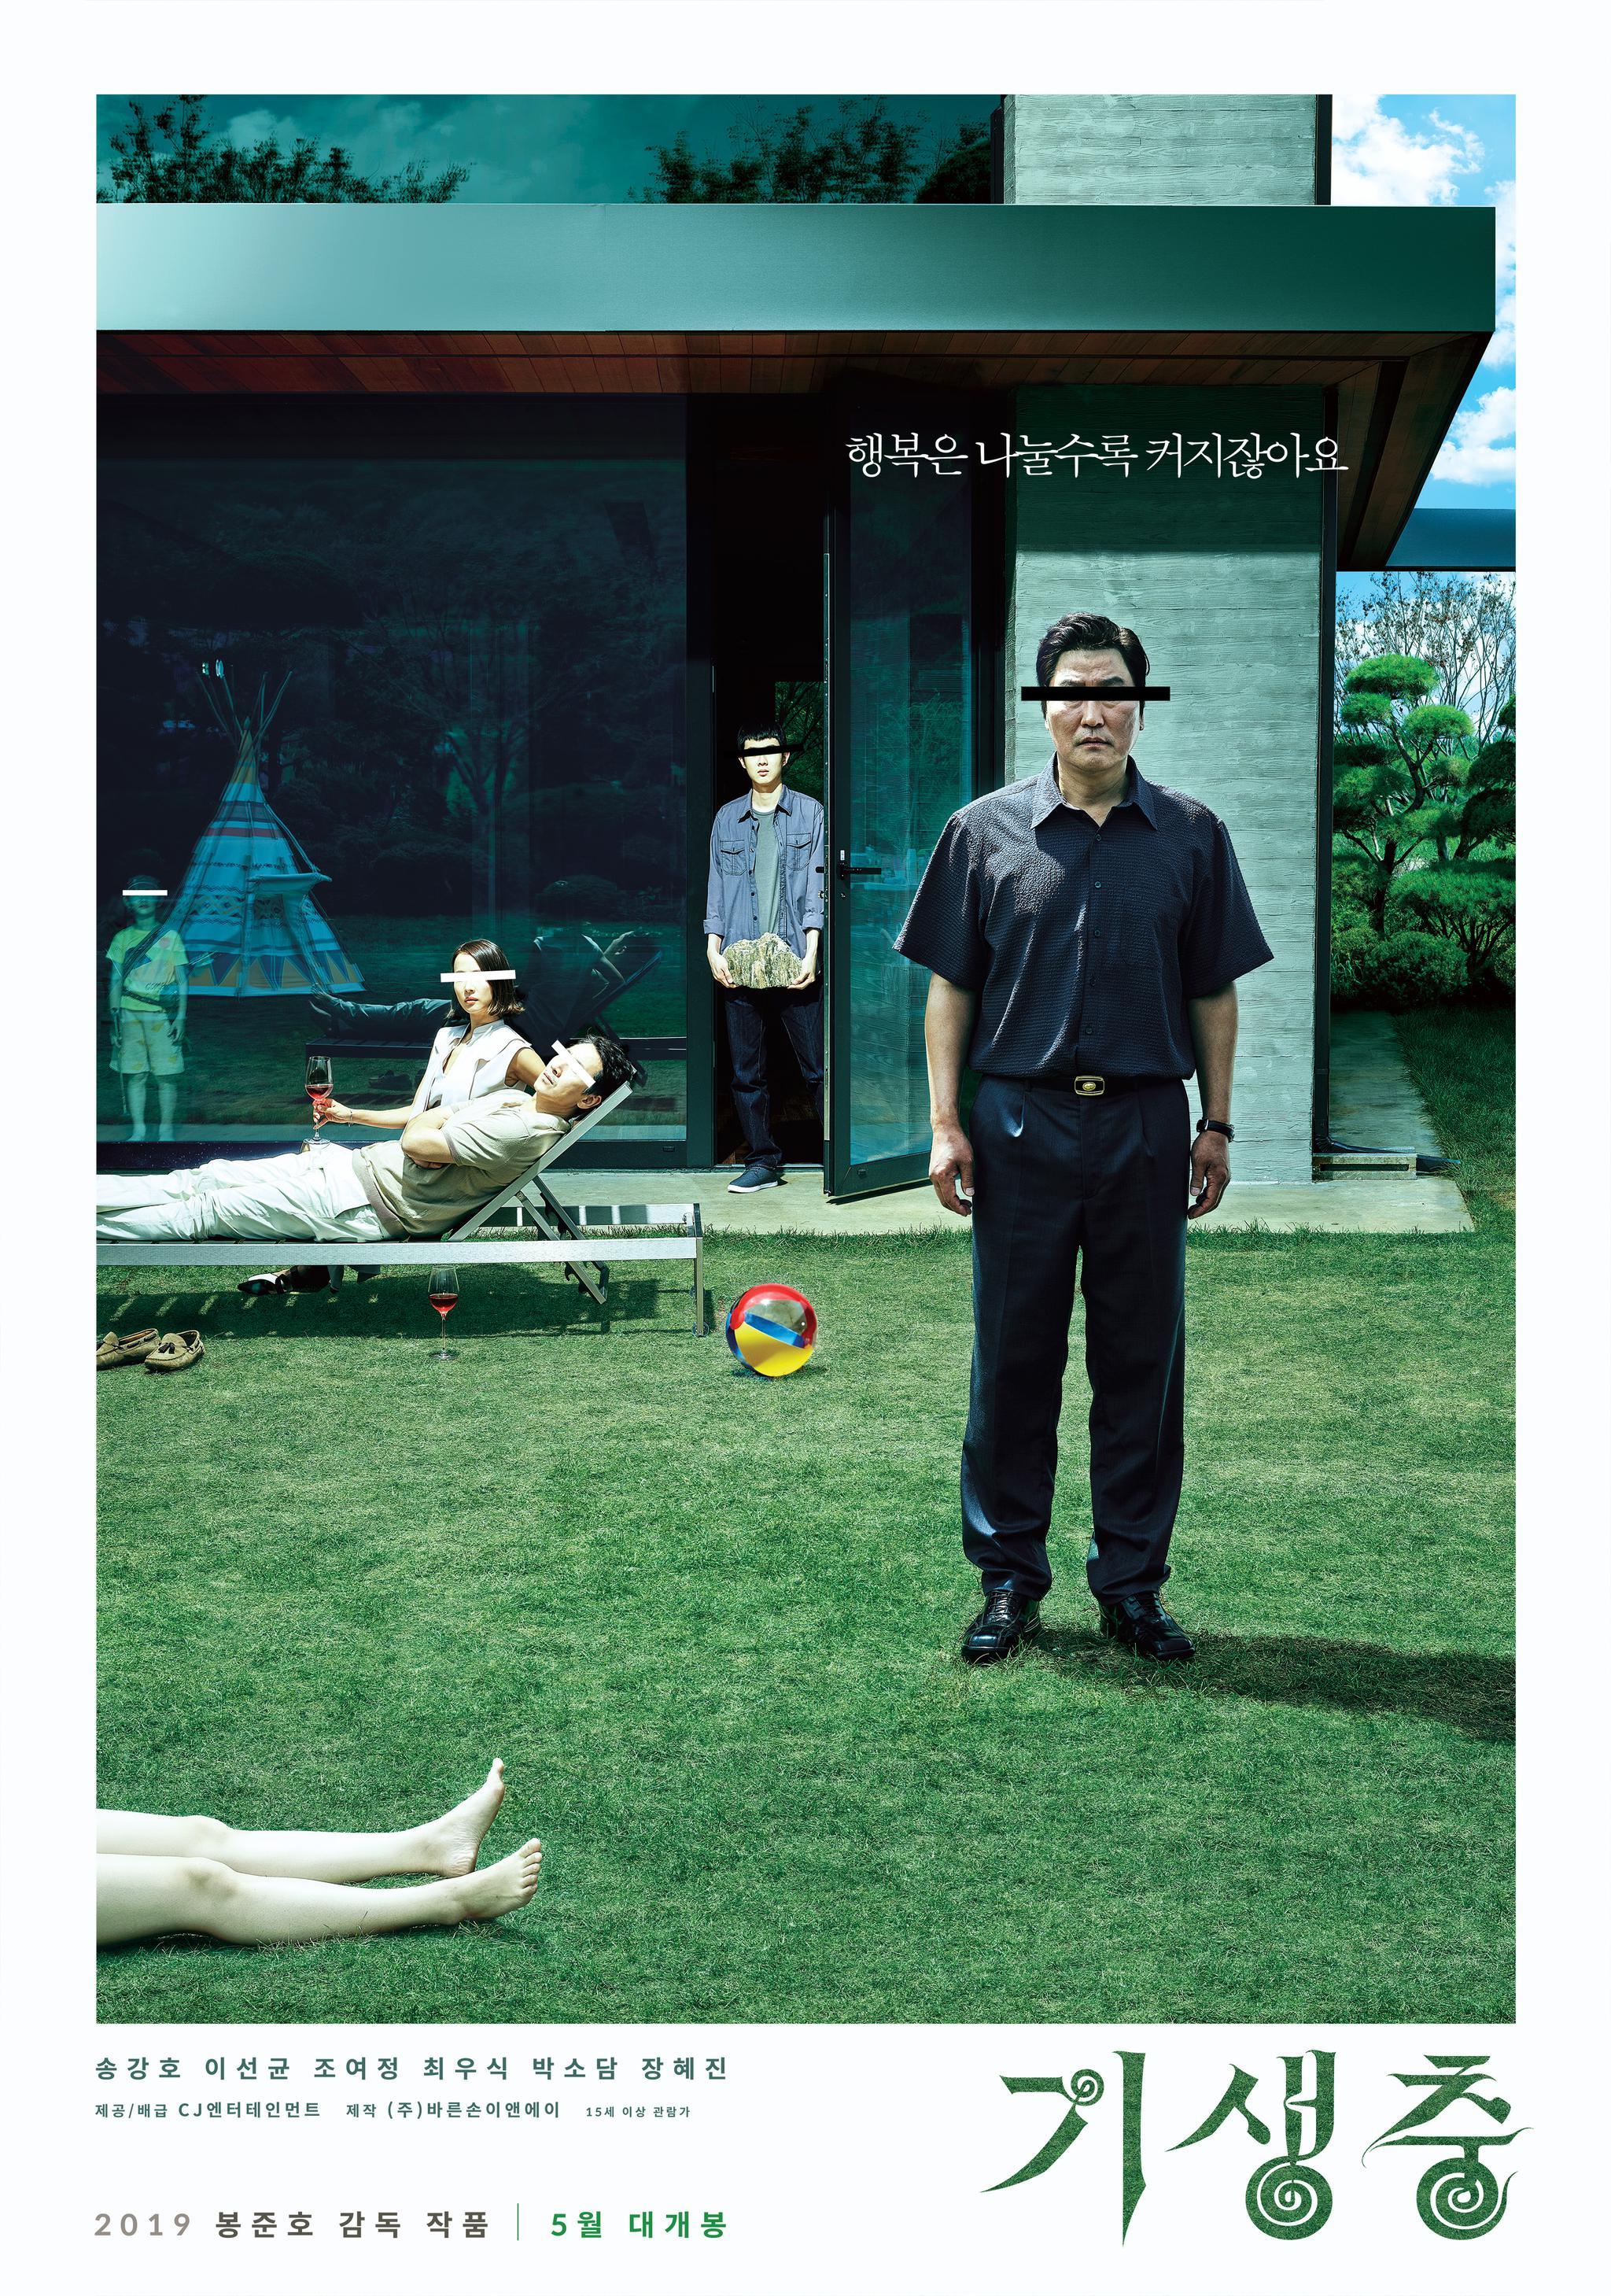 直戳贫富差距,韩国《寄生虫》卖到两百多国家是有道理的